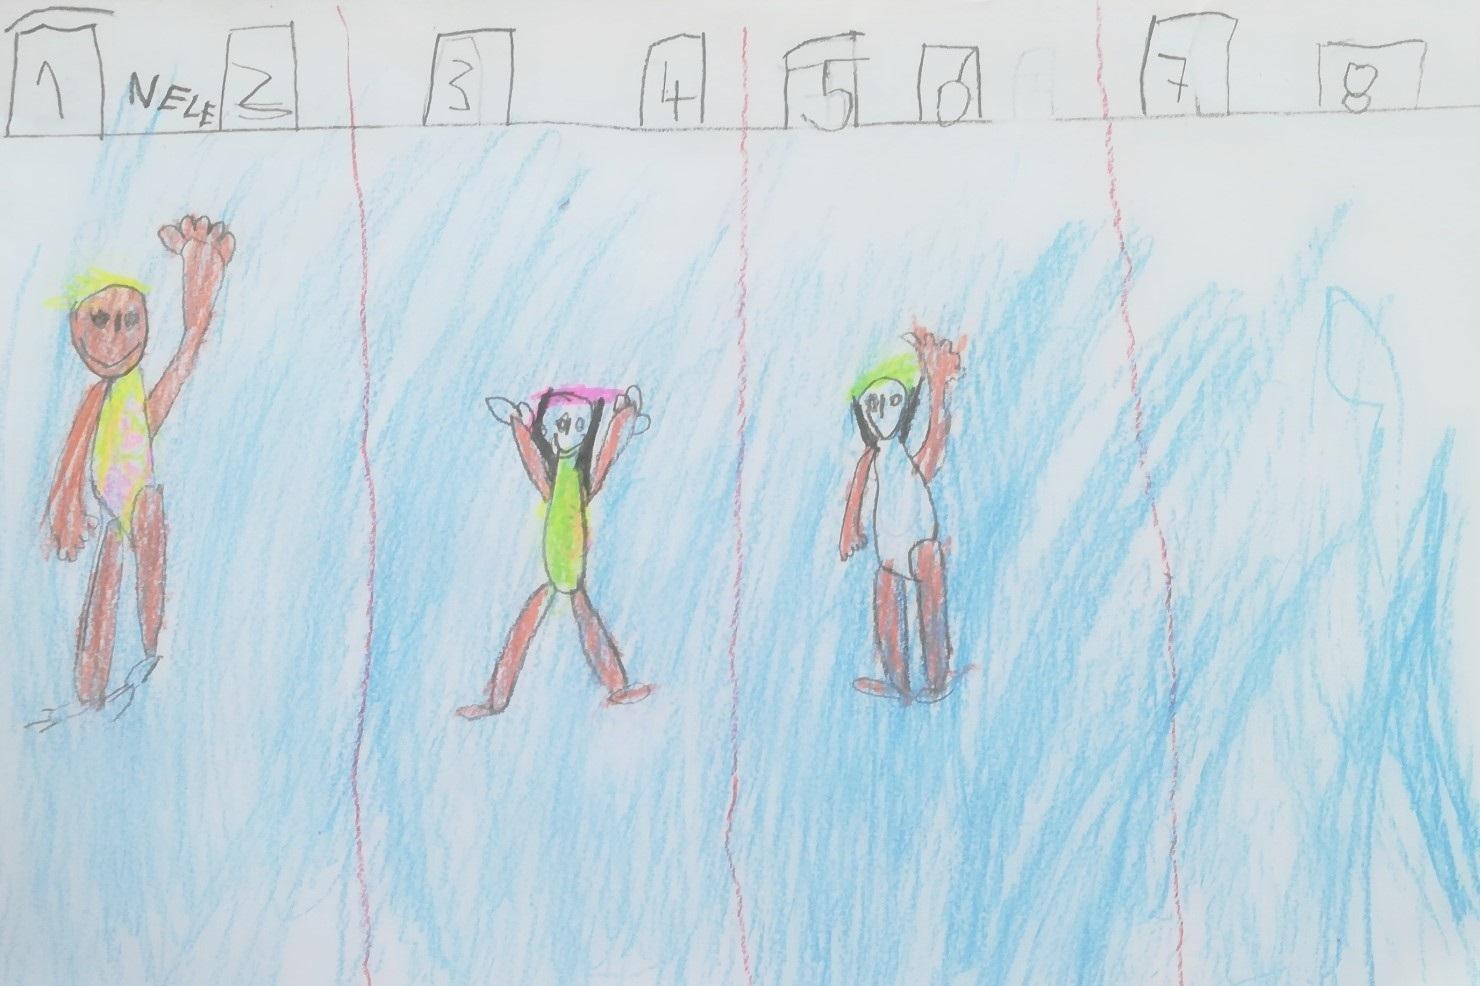 Bild 23 von Nele Petersohn (6 Jahre)